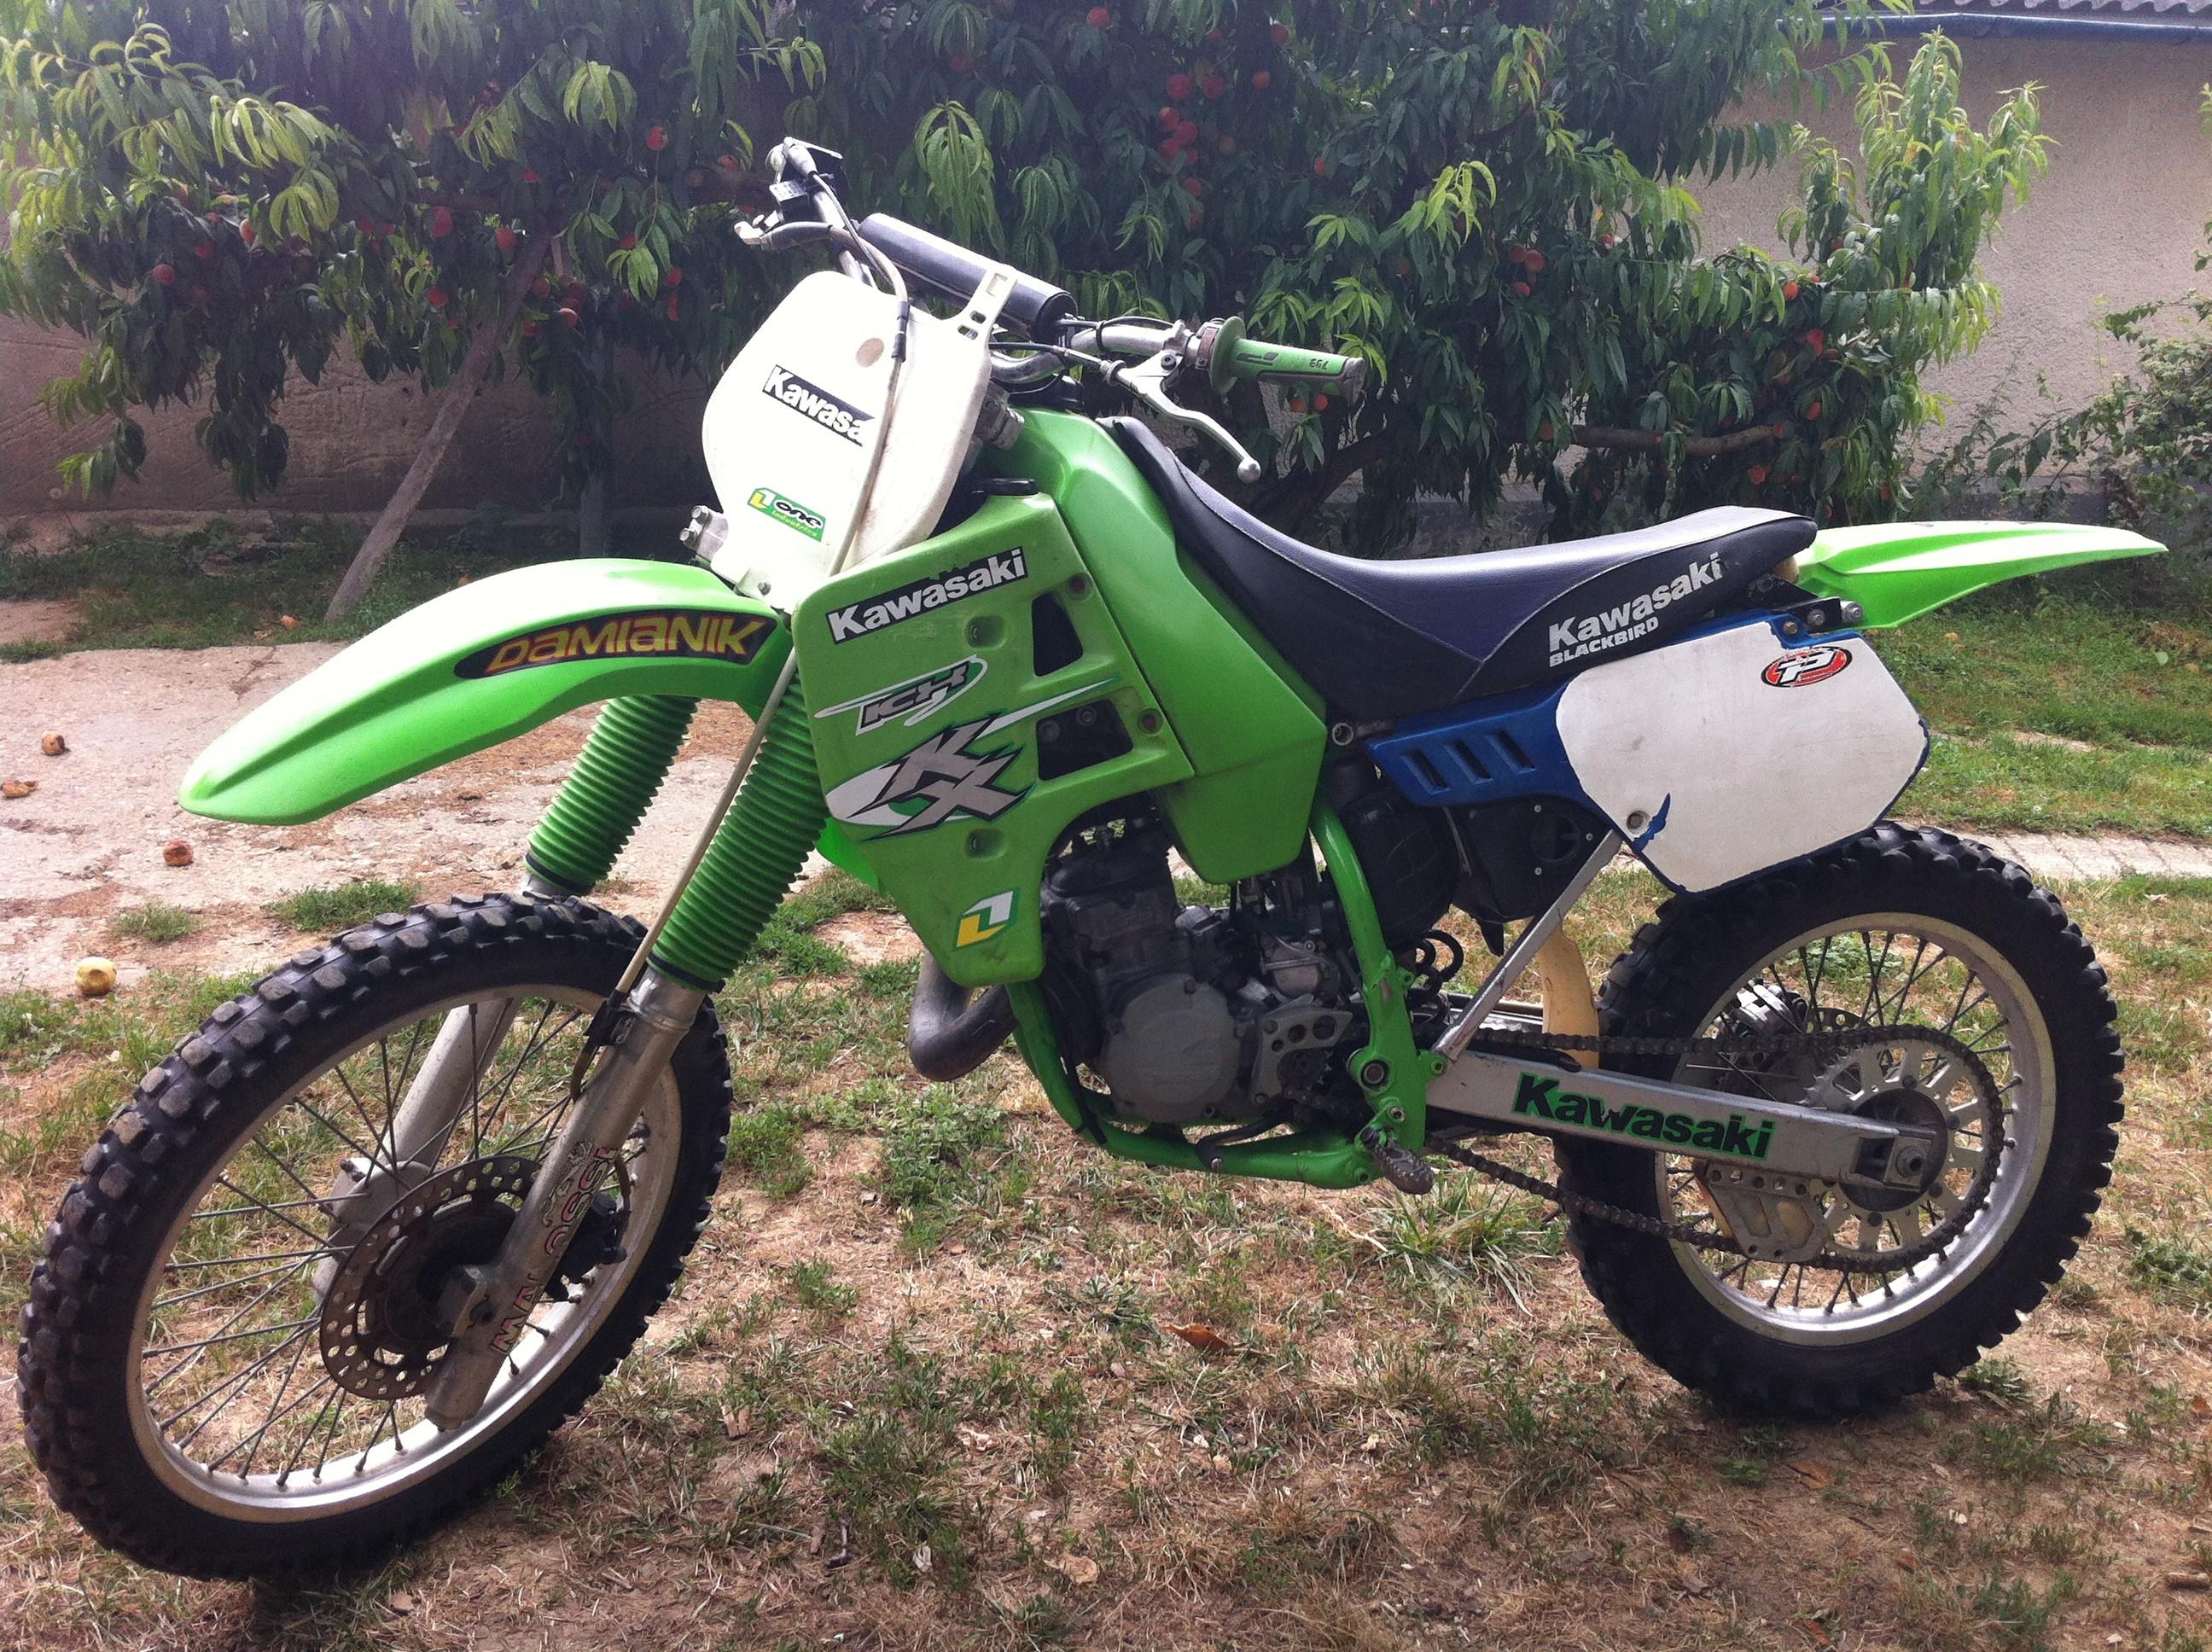 Kawasaki KX 125 1988